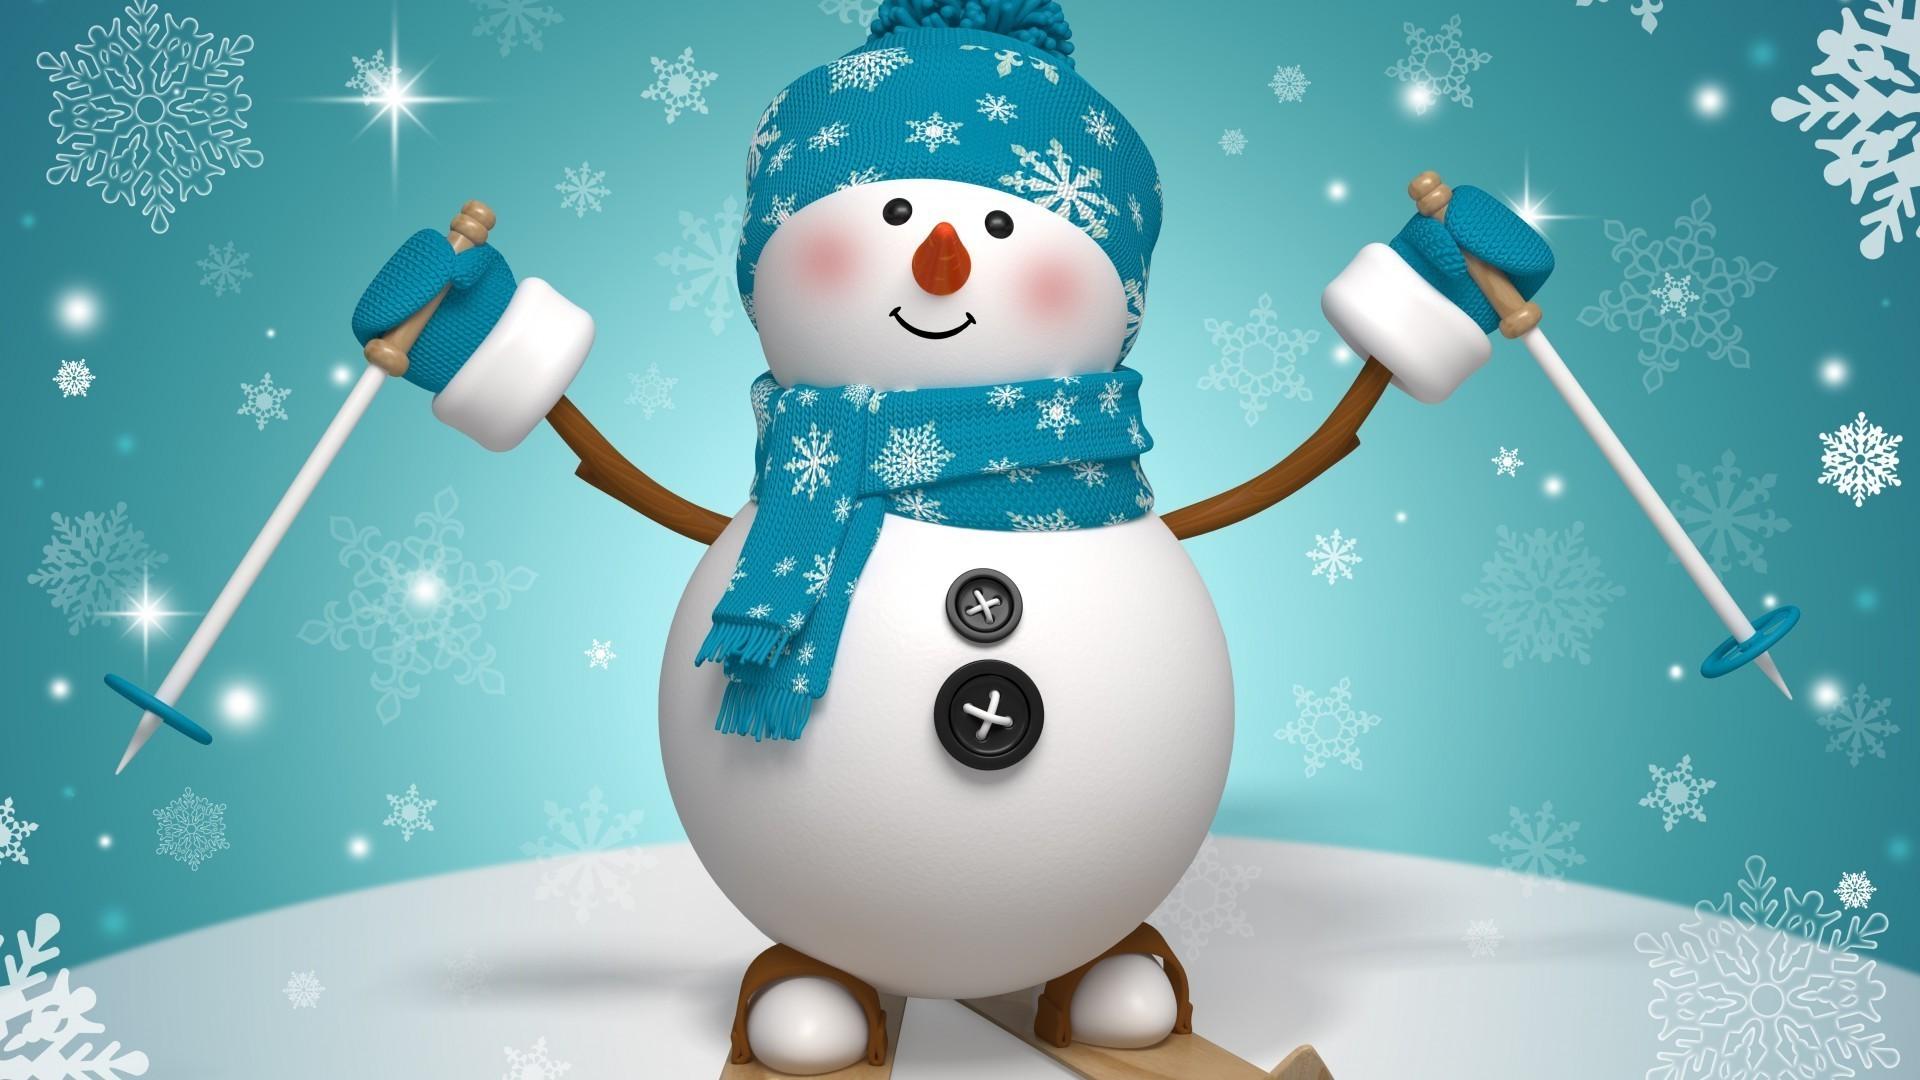 снеговик ветки ситуация бесплатно